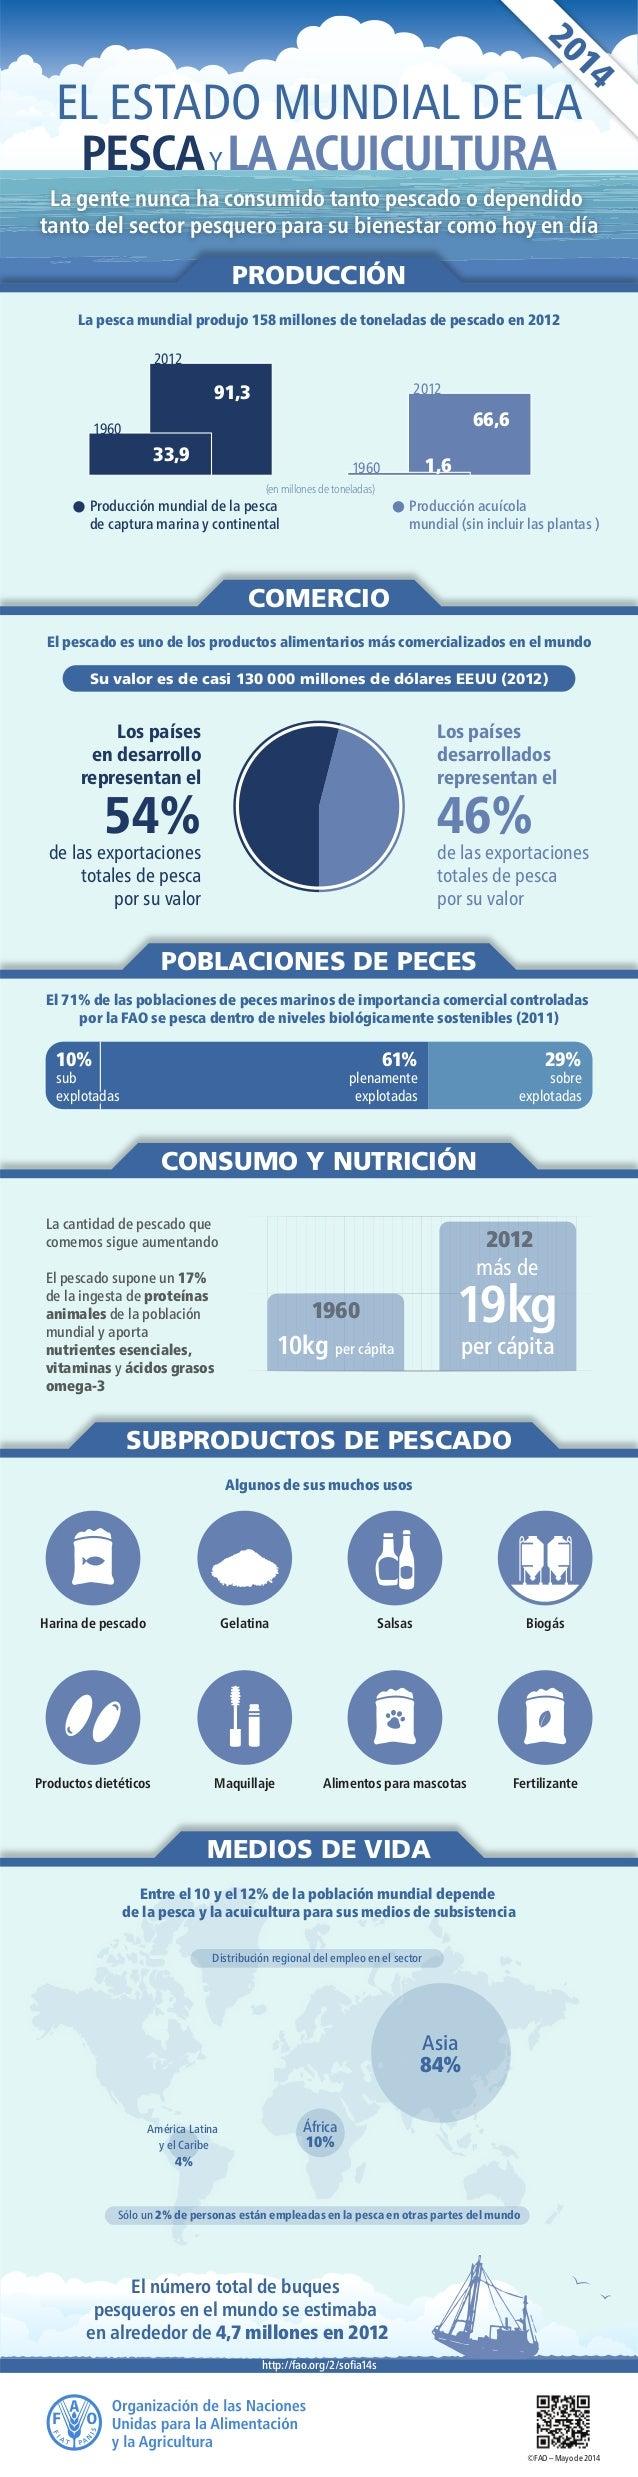 América Latina y el Caribe 4% África 10% Asia 84% Biogás Fertilizante Salsas Alimentos para mascotas Harina de pescado Pro...